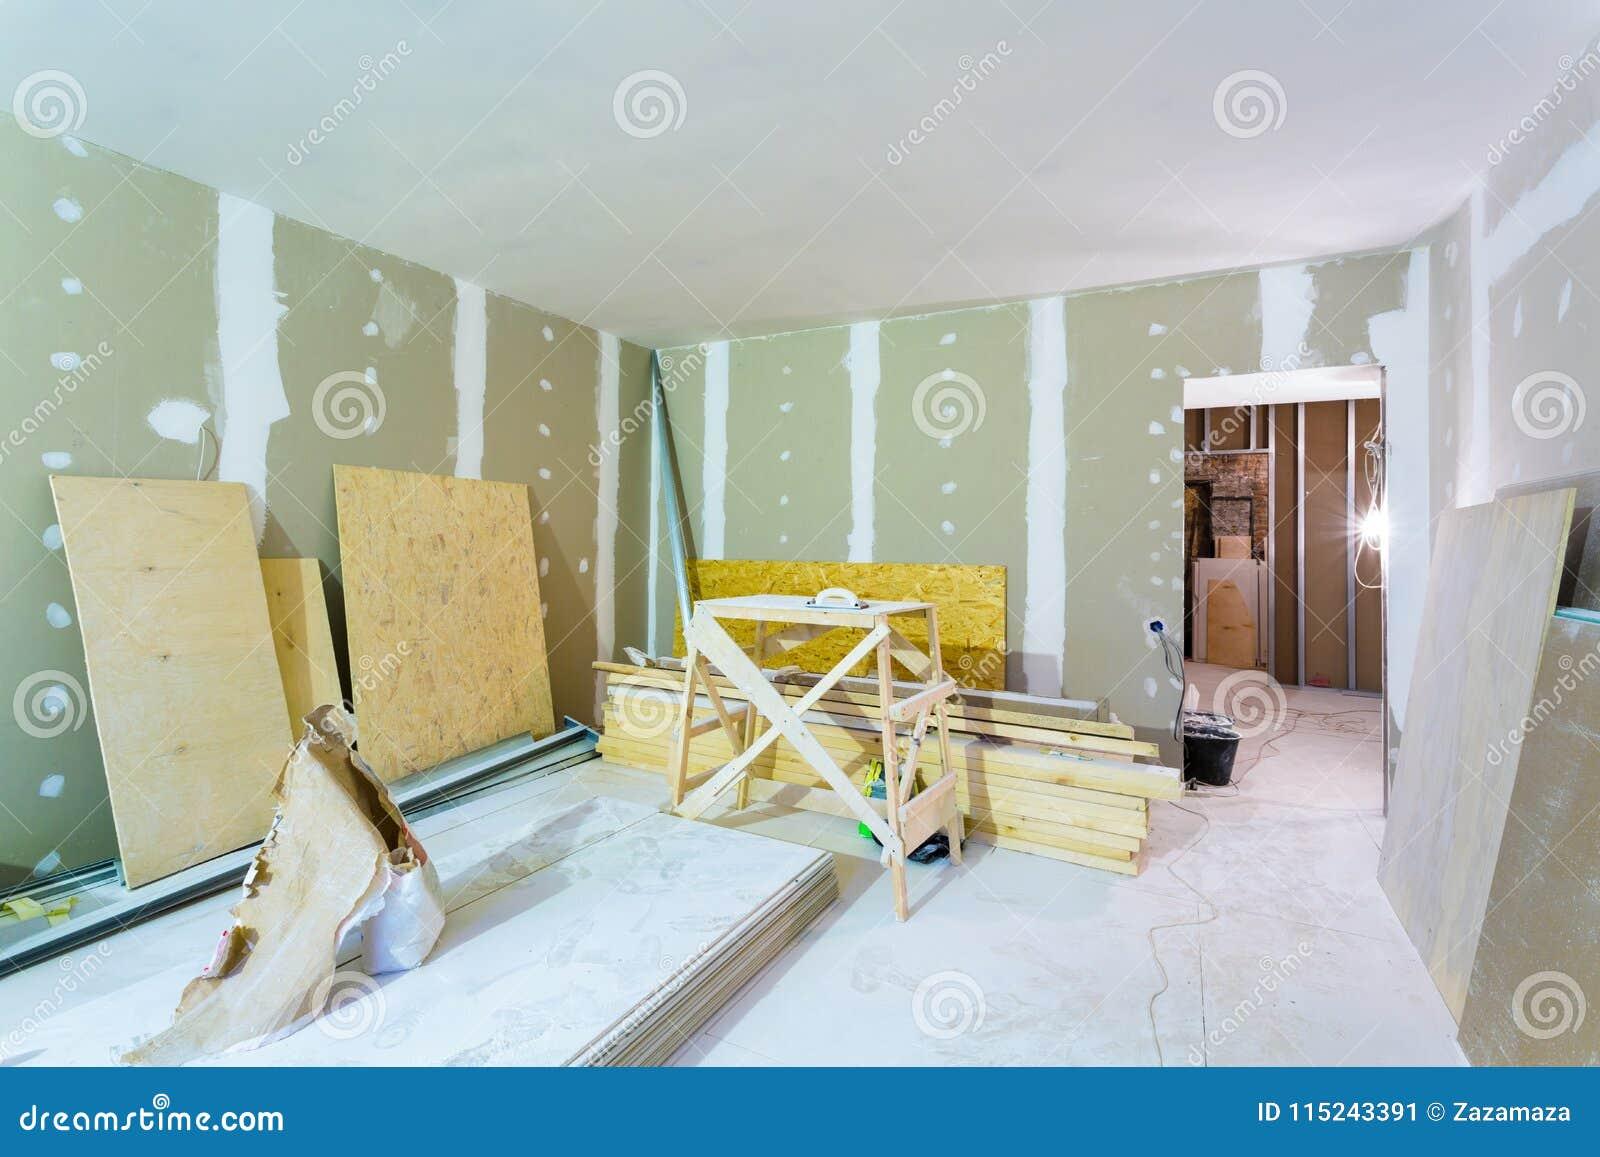 Materiales Para La Construcción - Los Paquetes De La Masilla, Las ...